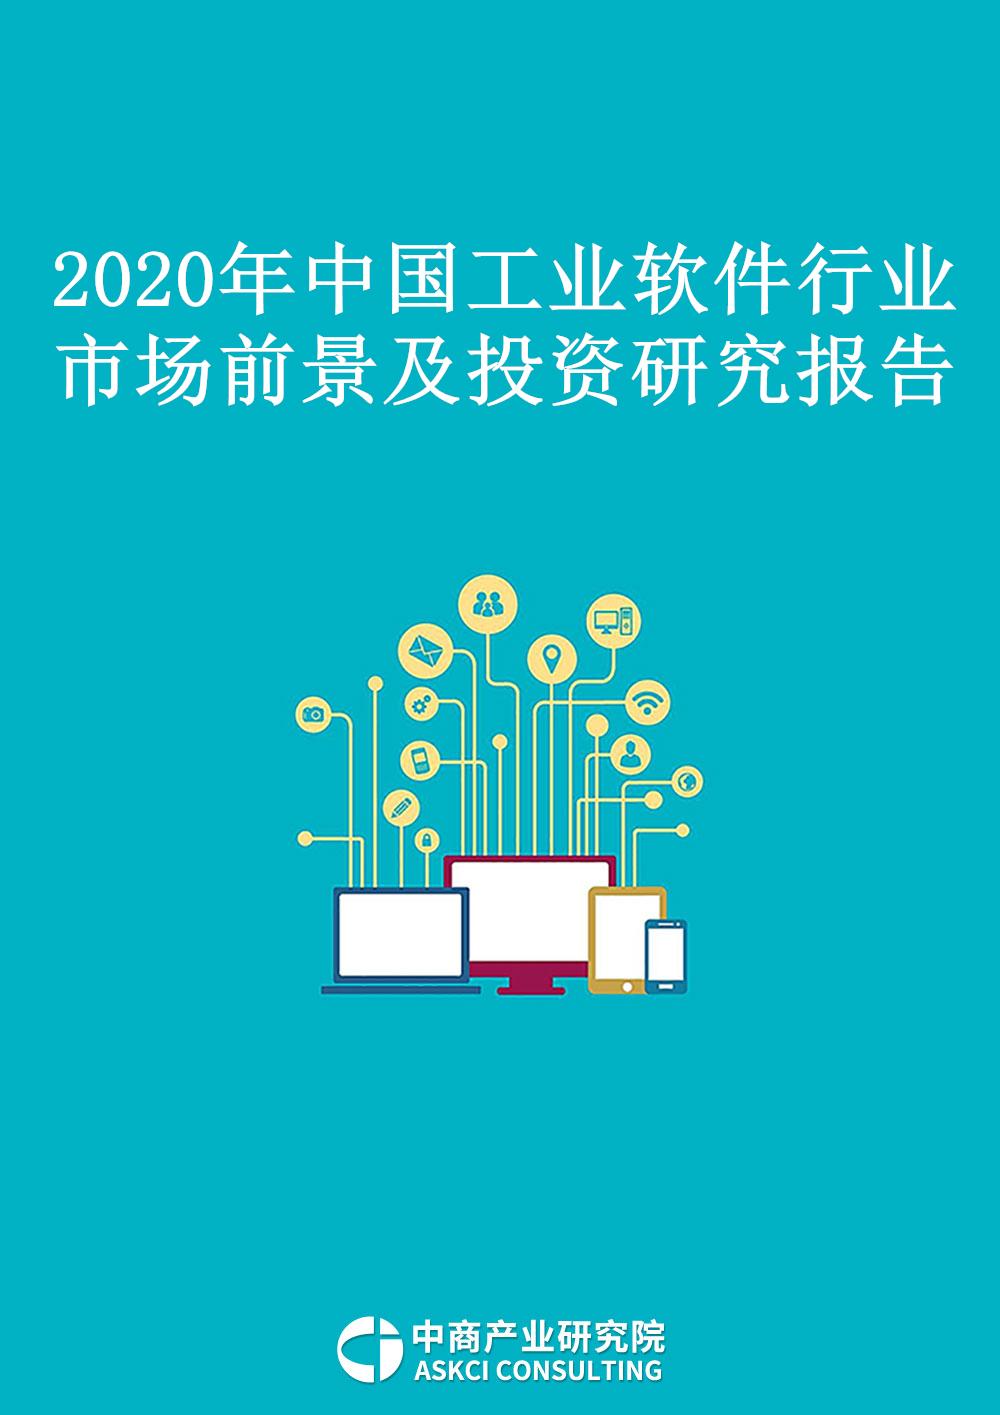 2020年中国工业软件行业市场前景及投资研究贝博体育app官网登录